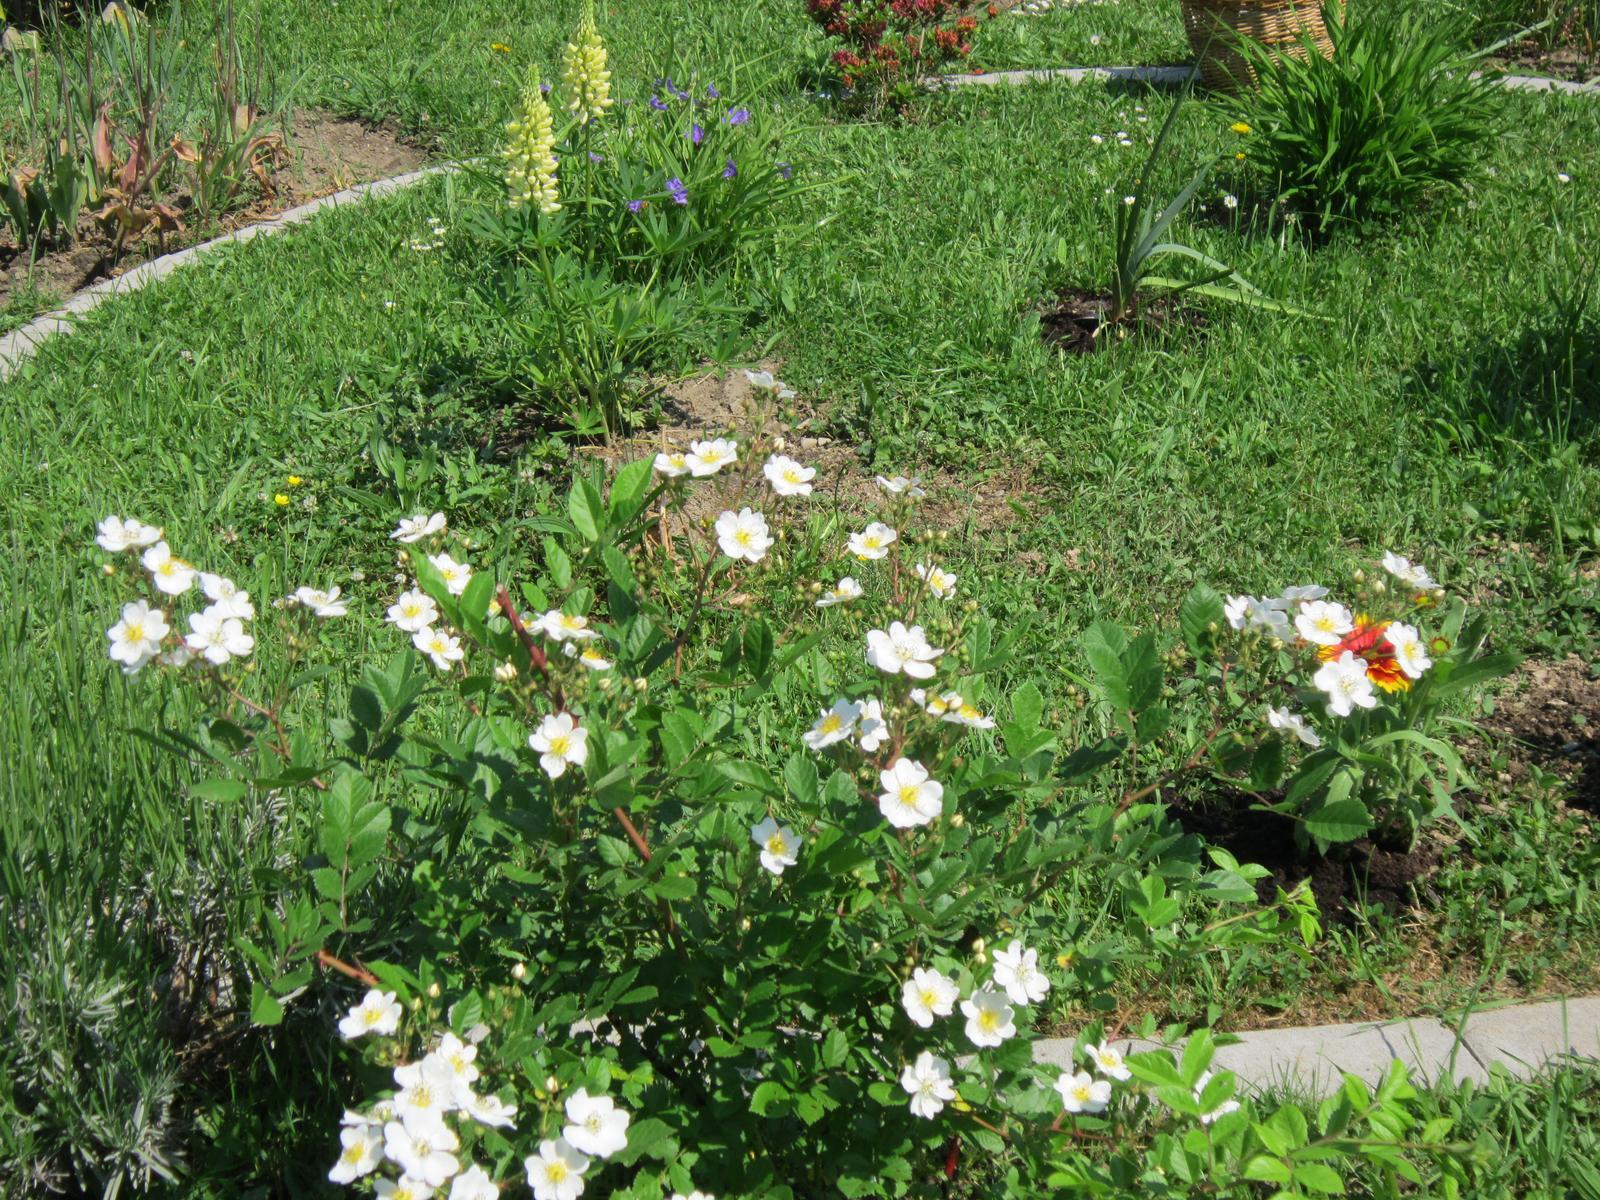 Moja záhrada...ako šiel čas - Obrázok č. 82